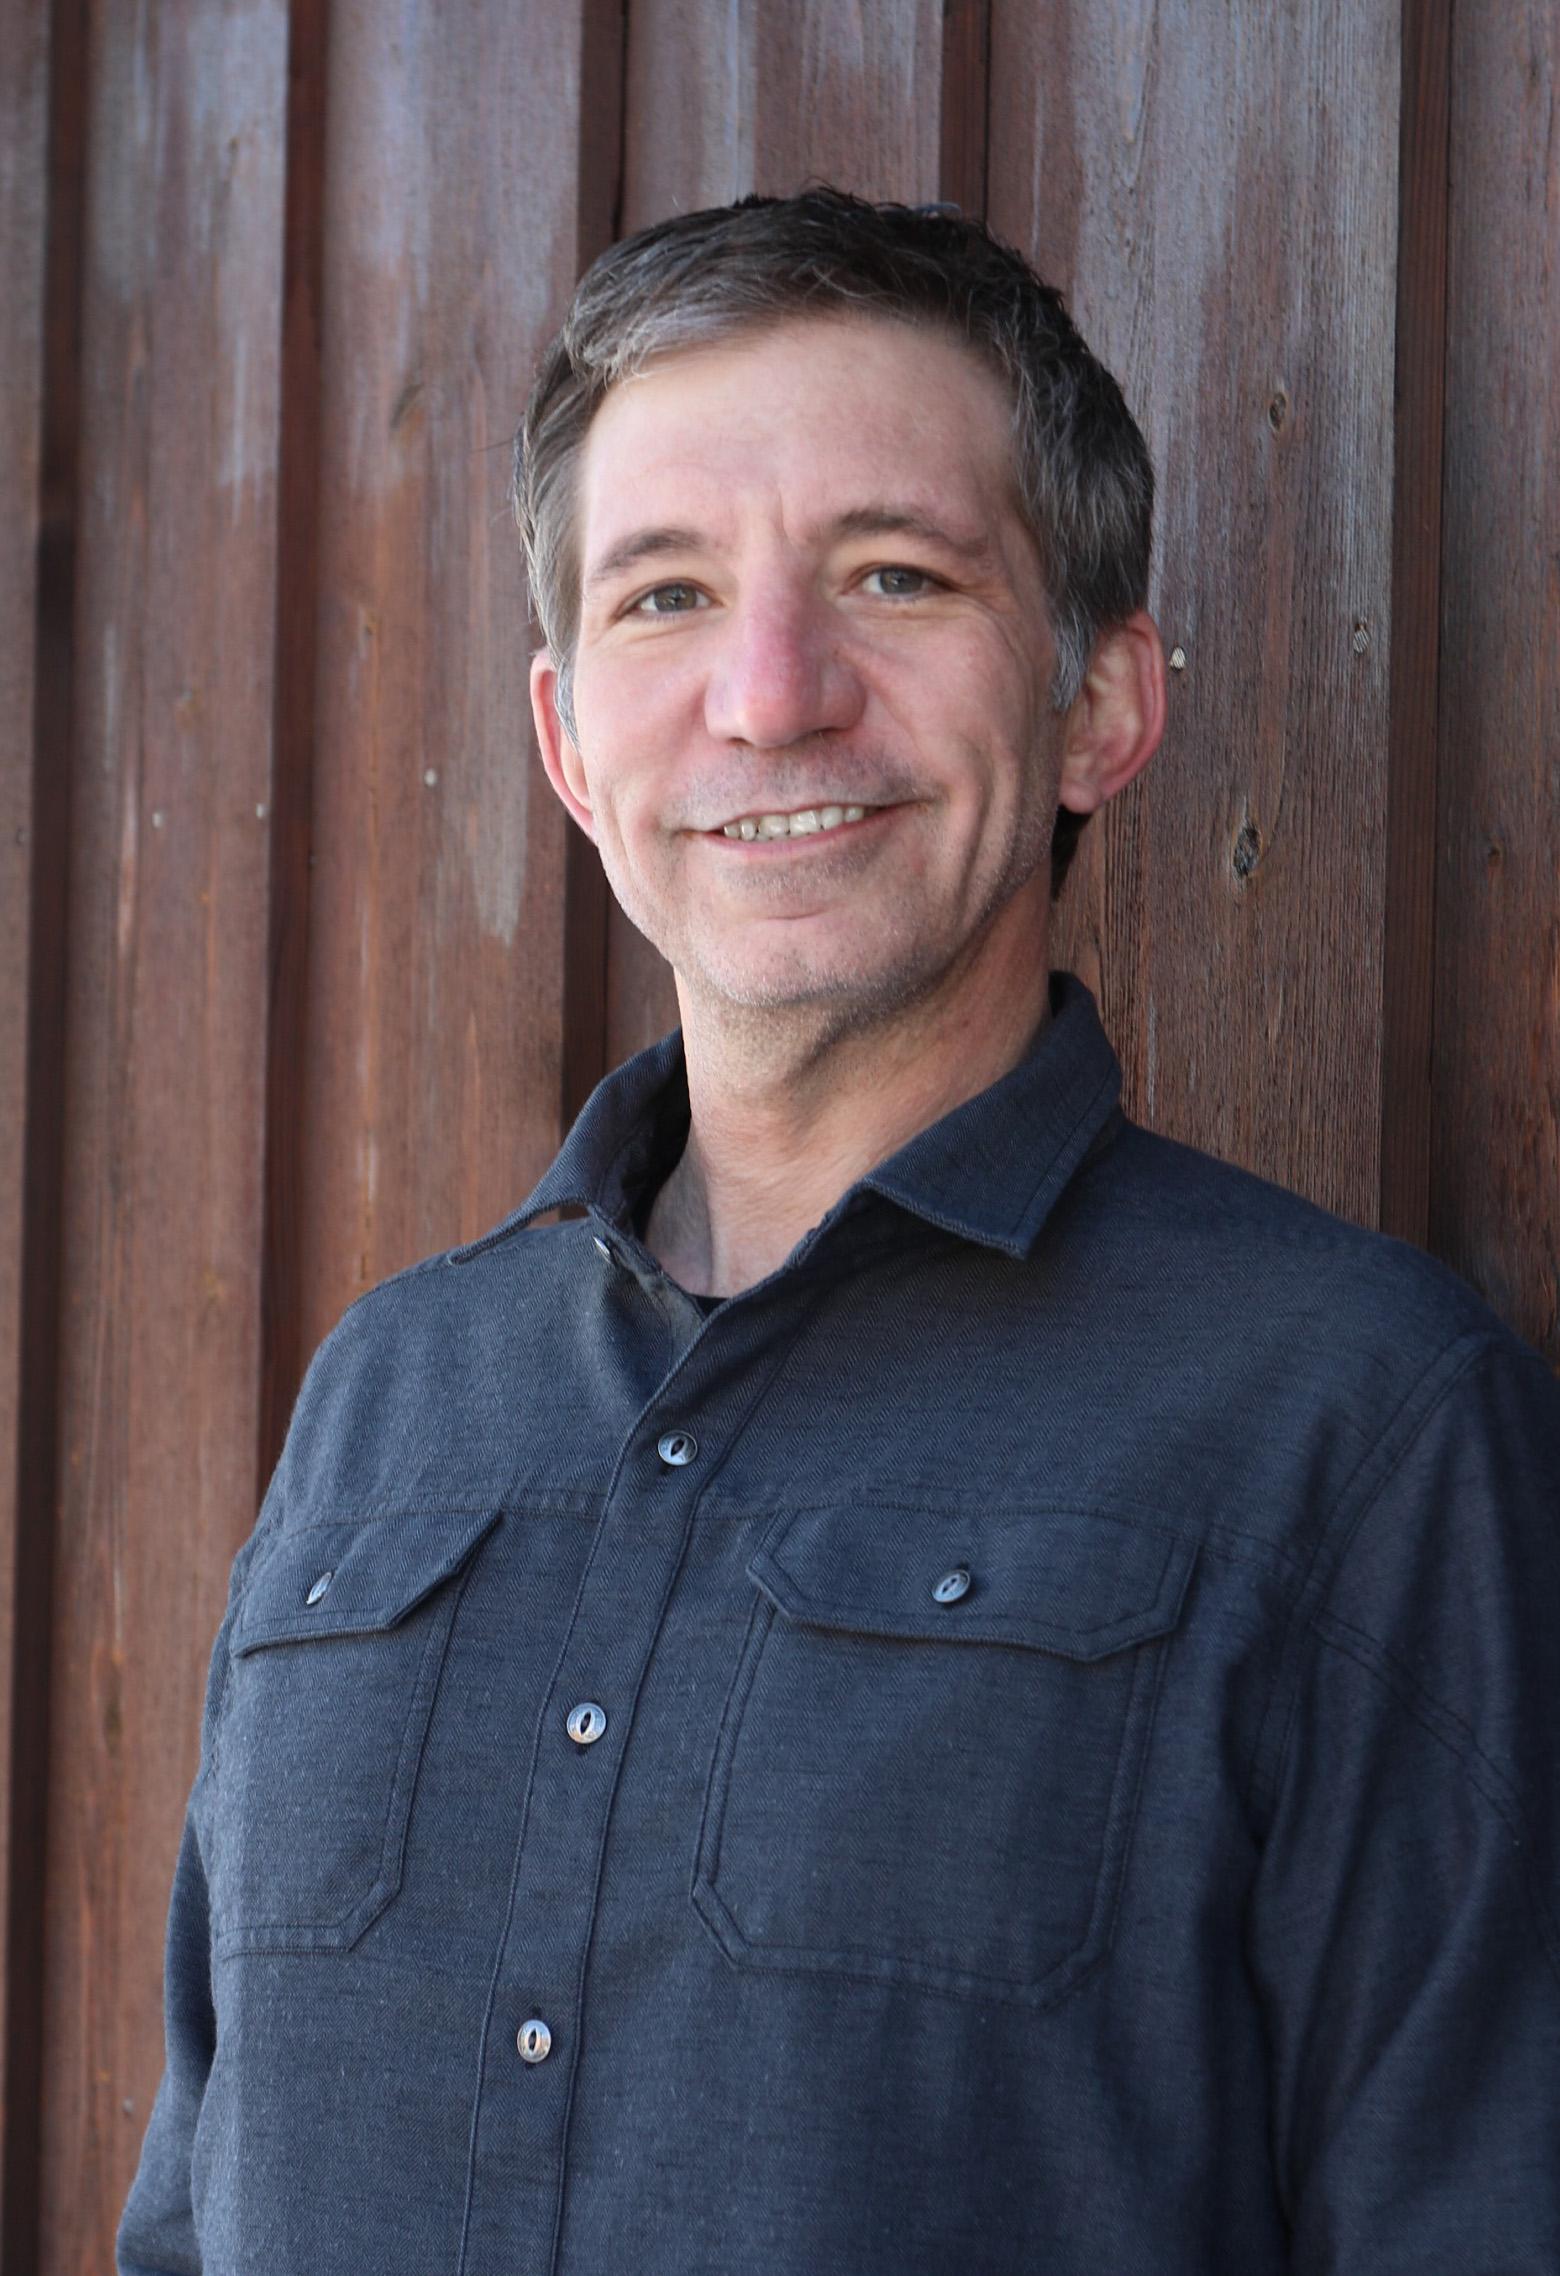 Brian Bainum